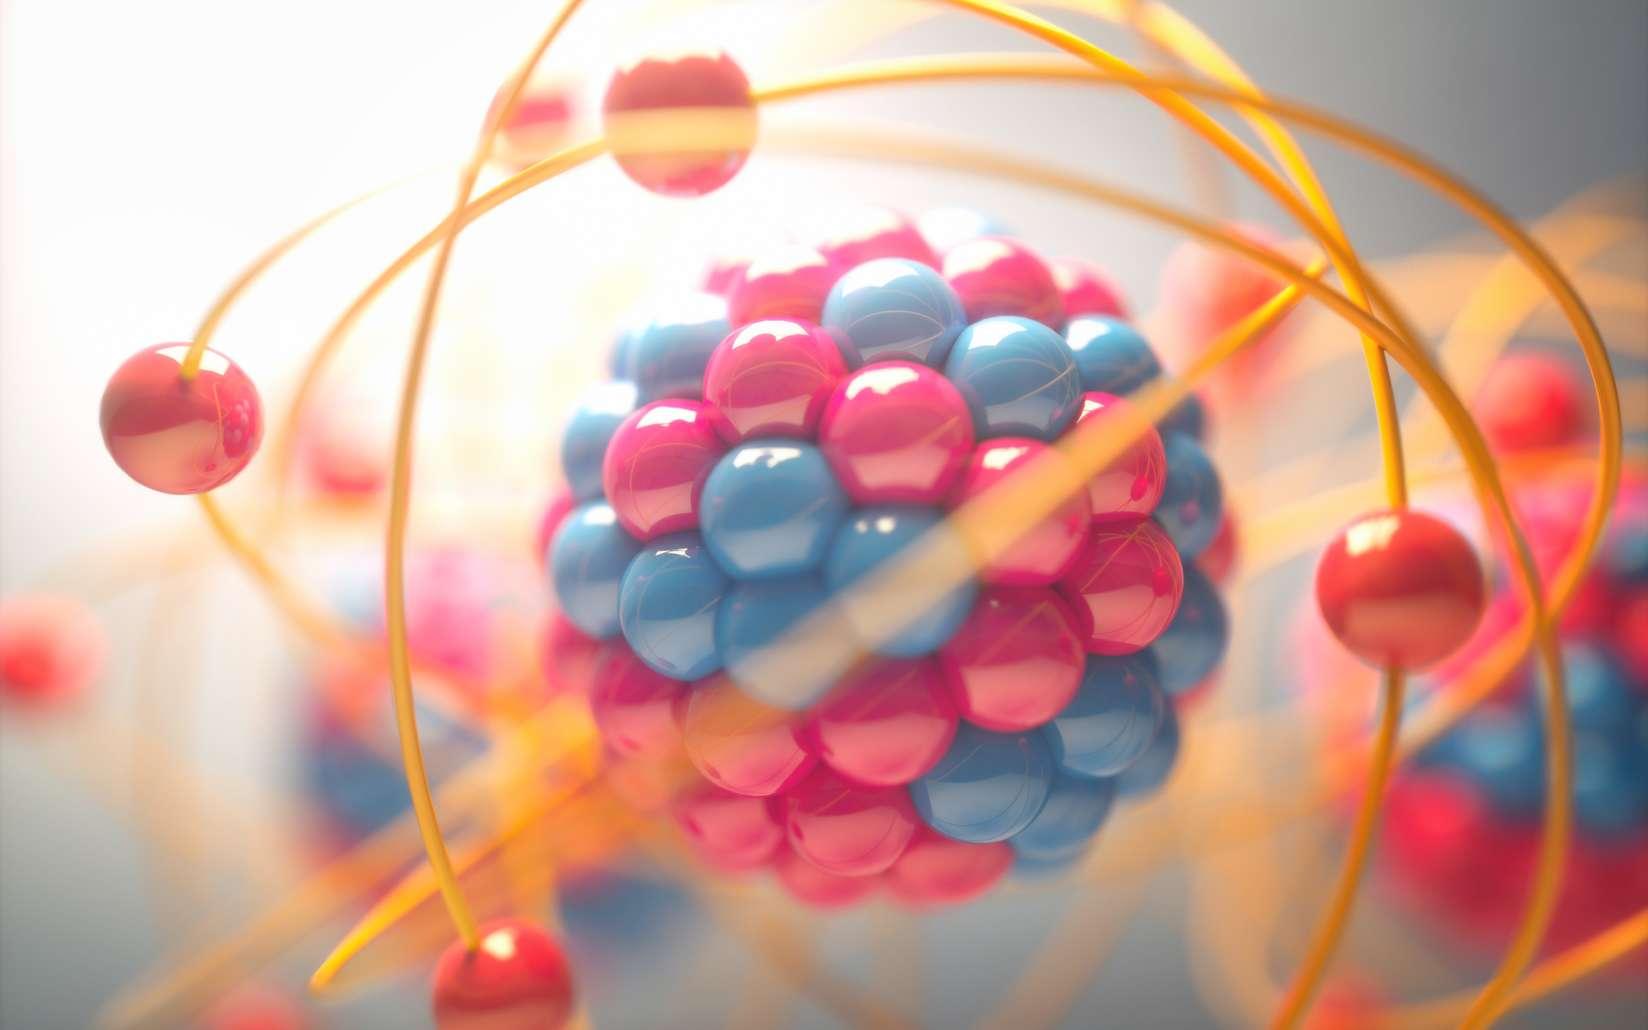 Le noyau des atomes est formé de protons et de neutrons. © ktsdesign, Fotolia